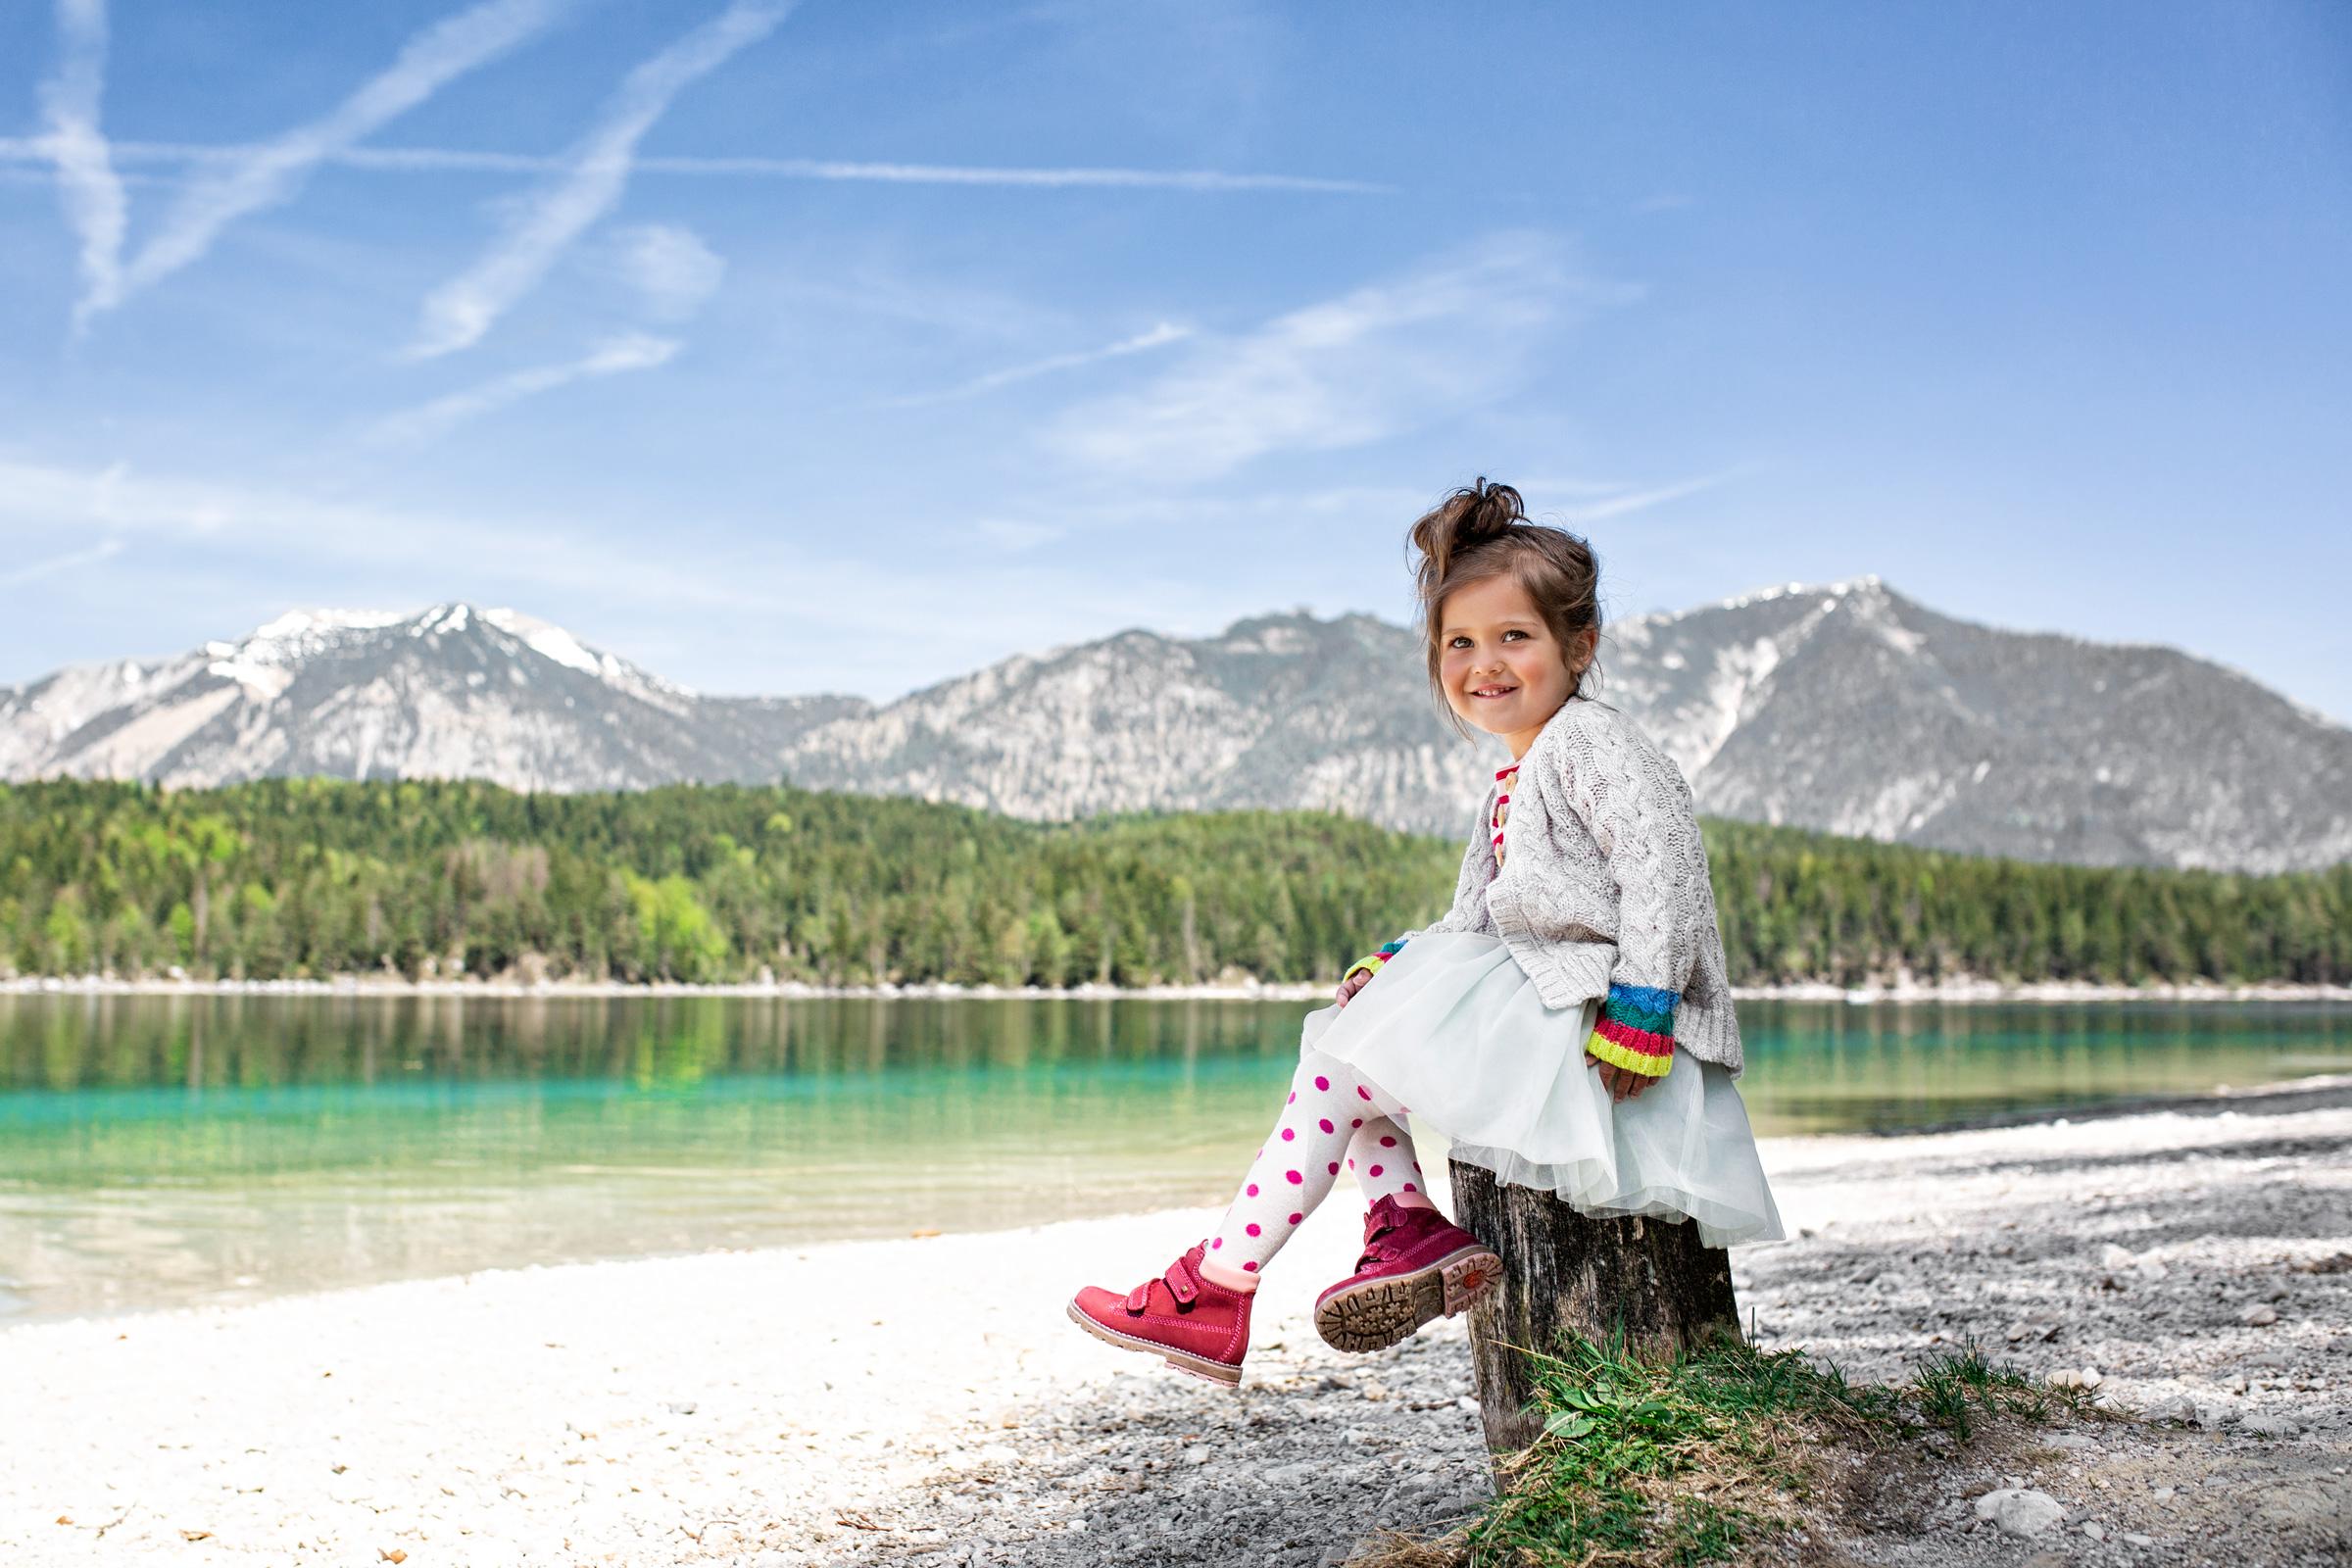 Ein Mädchen sitzt auf einem Baumstumpf am kiesbedeckten Ufer eines Alpensees. A girl is sitting on a tree trunk at the gravelly beach of a tarn.